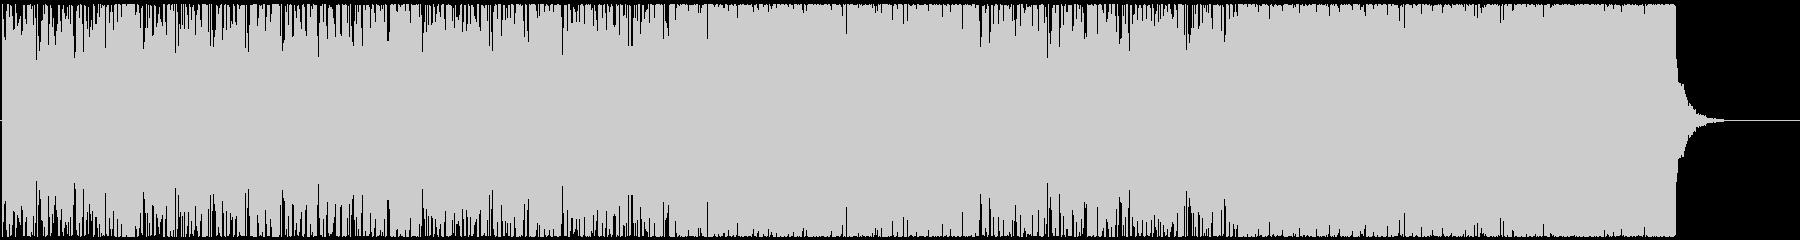 ノリノシ紳士のジャジーなインストの未再生の波形